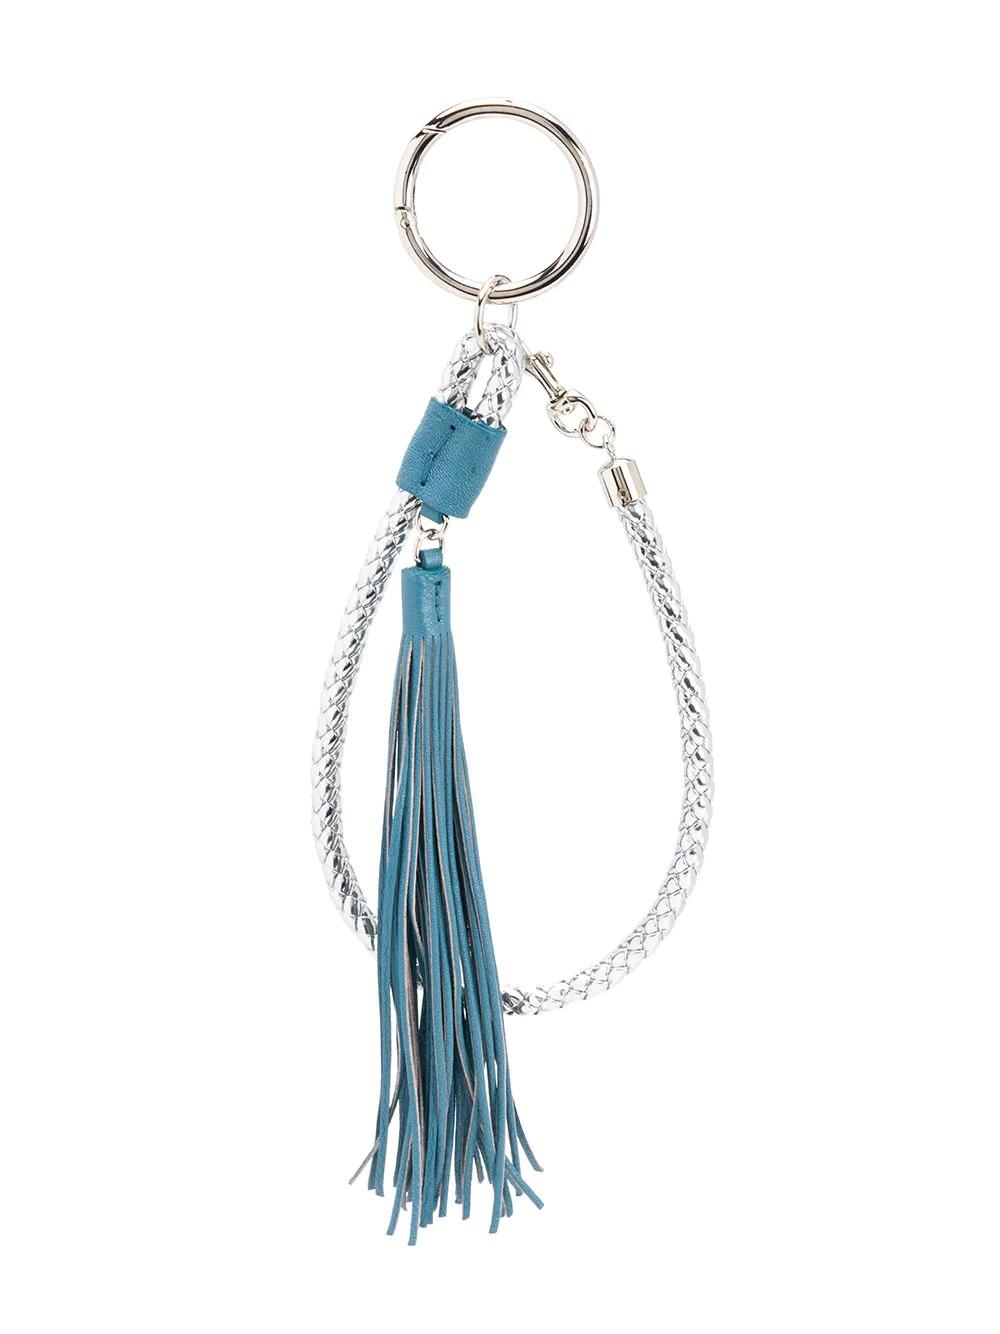 Corto Moltedo | Corto Moltedo плетеный брелок для ключей с кисточкой | Clouty